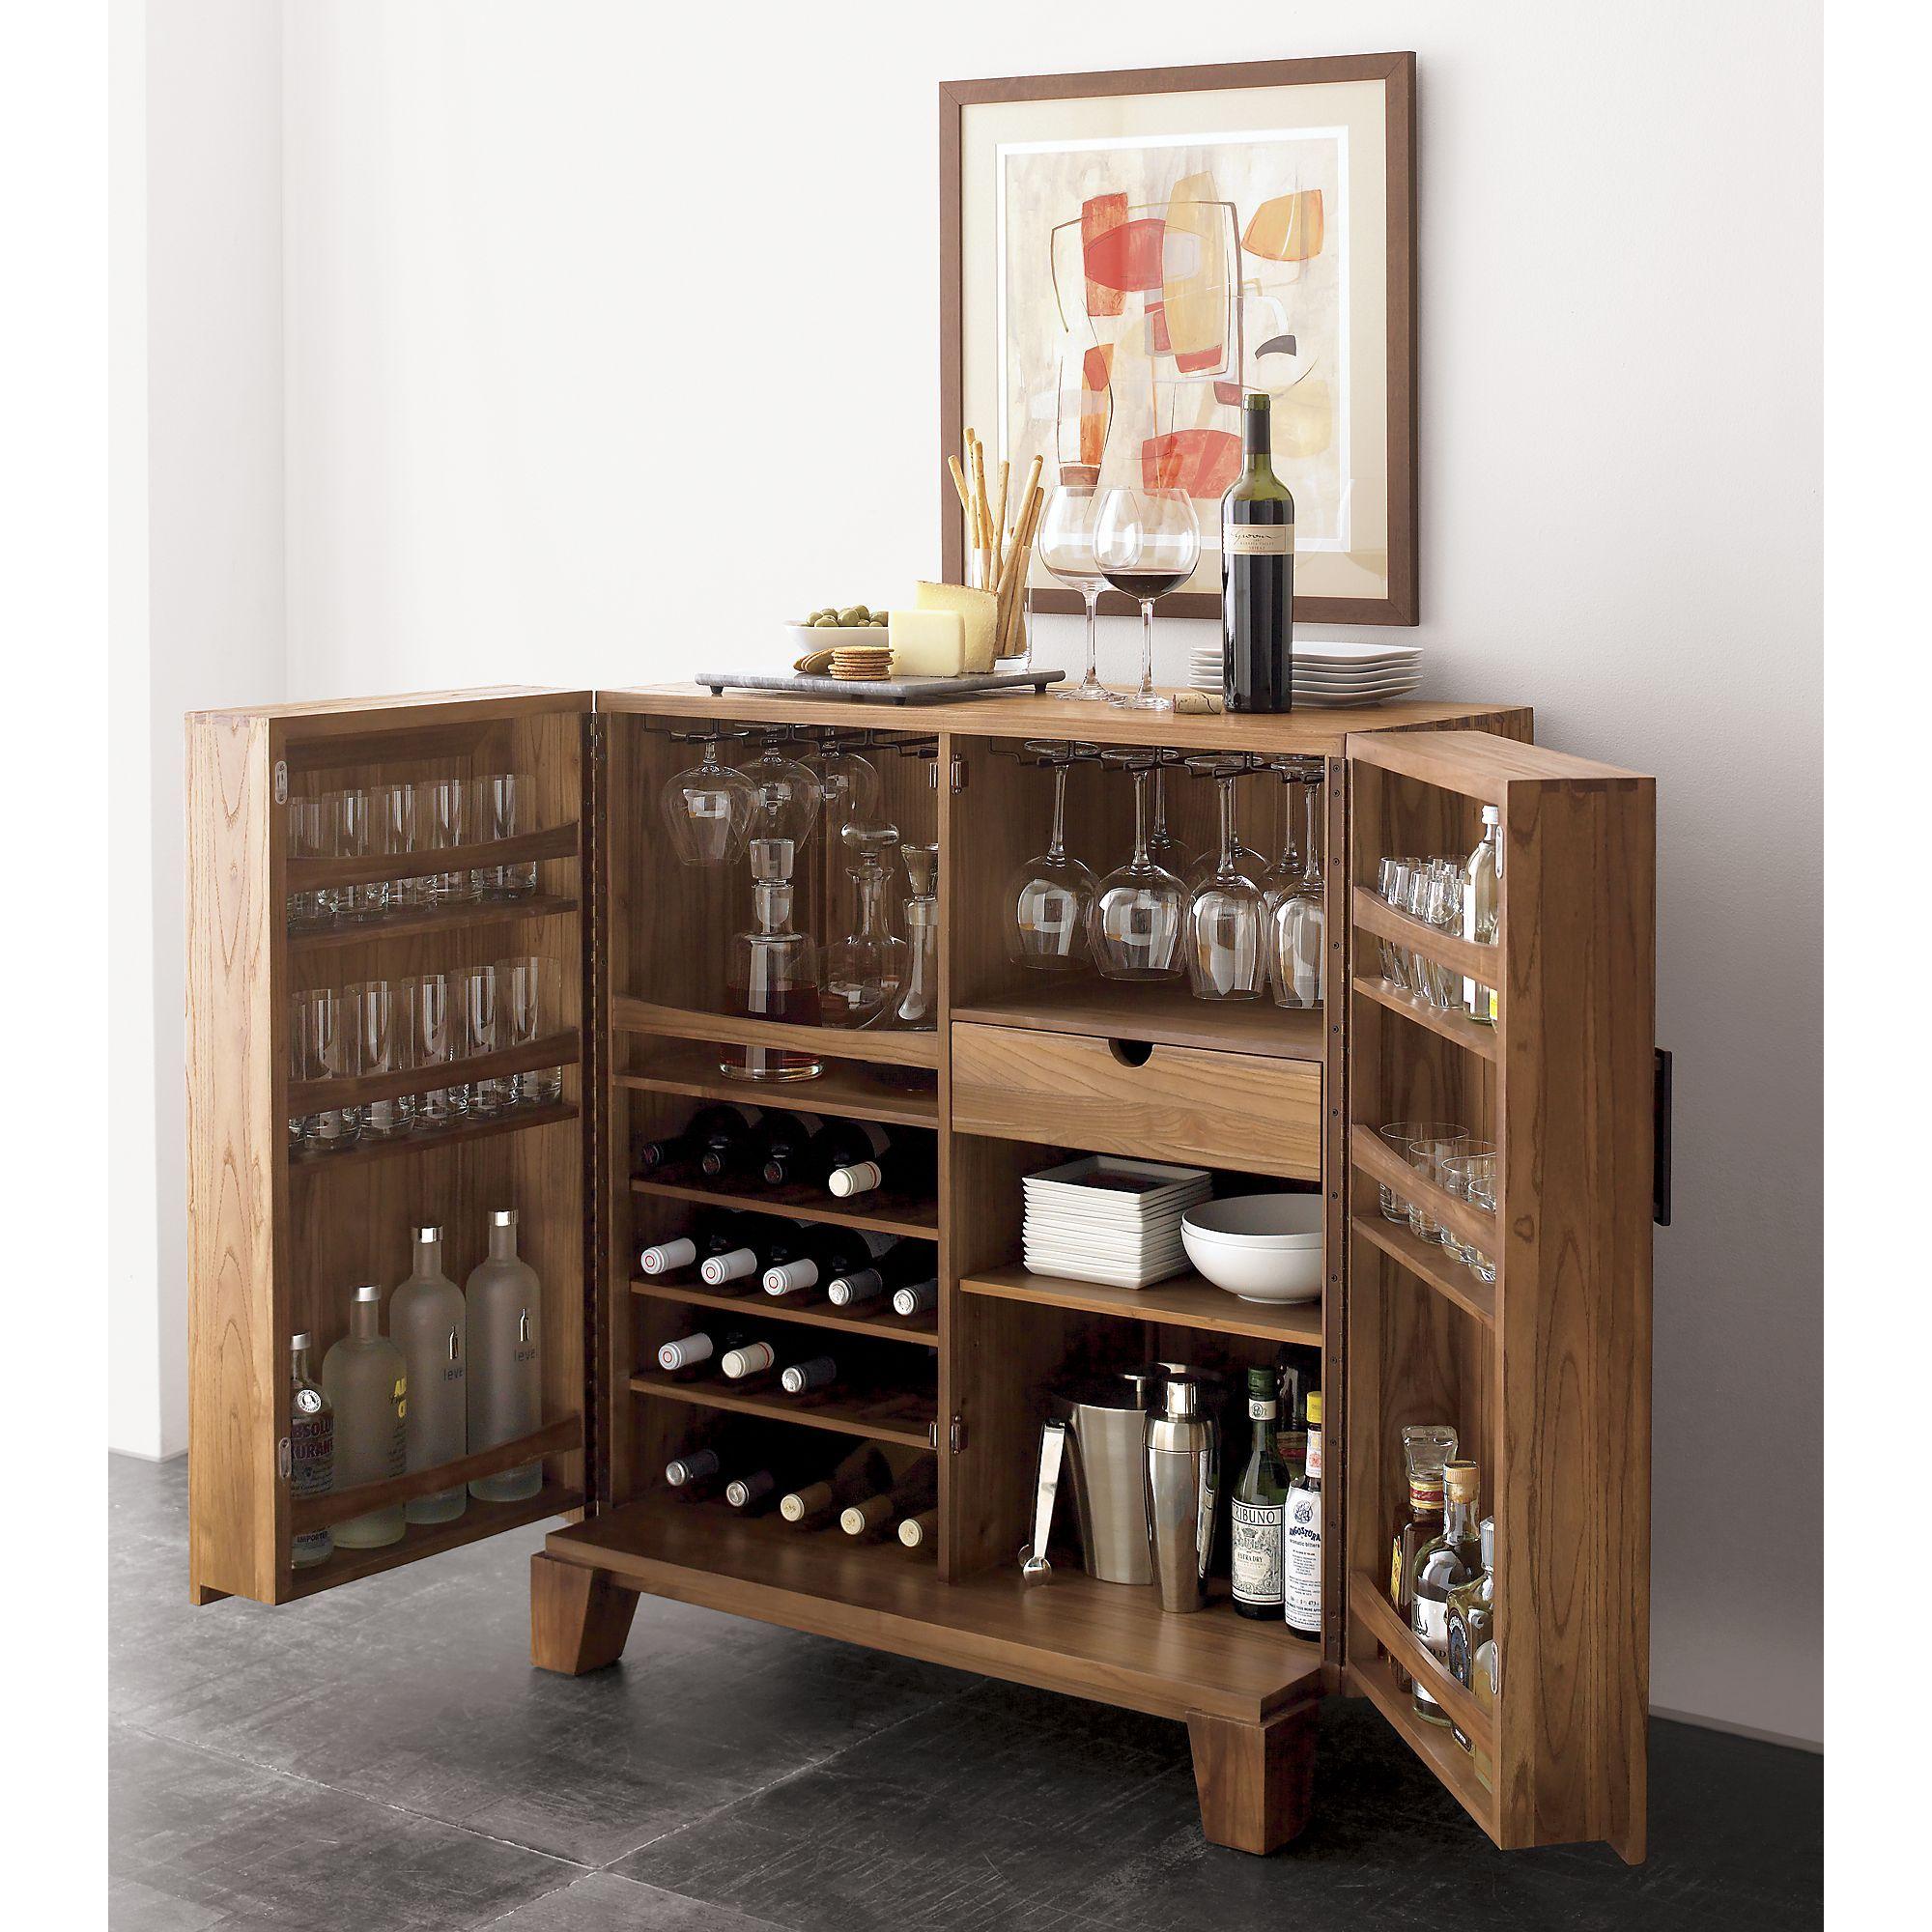 Marin Bar Cabinet in Bar Cabinets & Bar Carts | Crate and Barrel ...